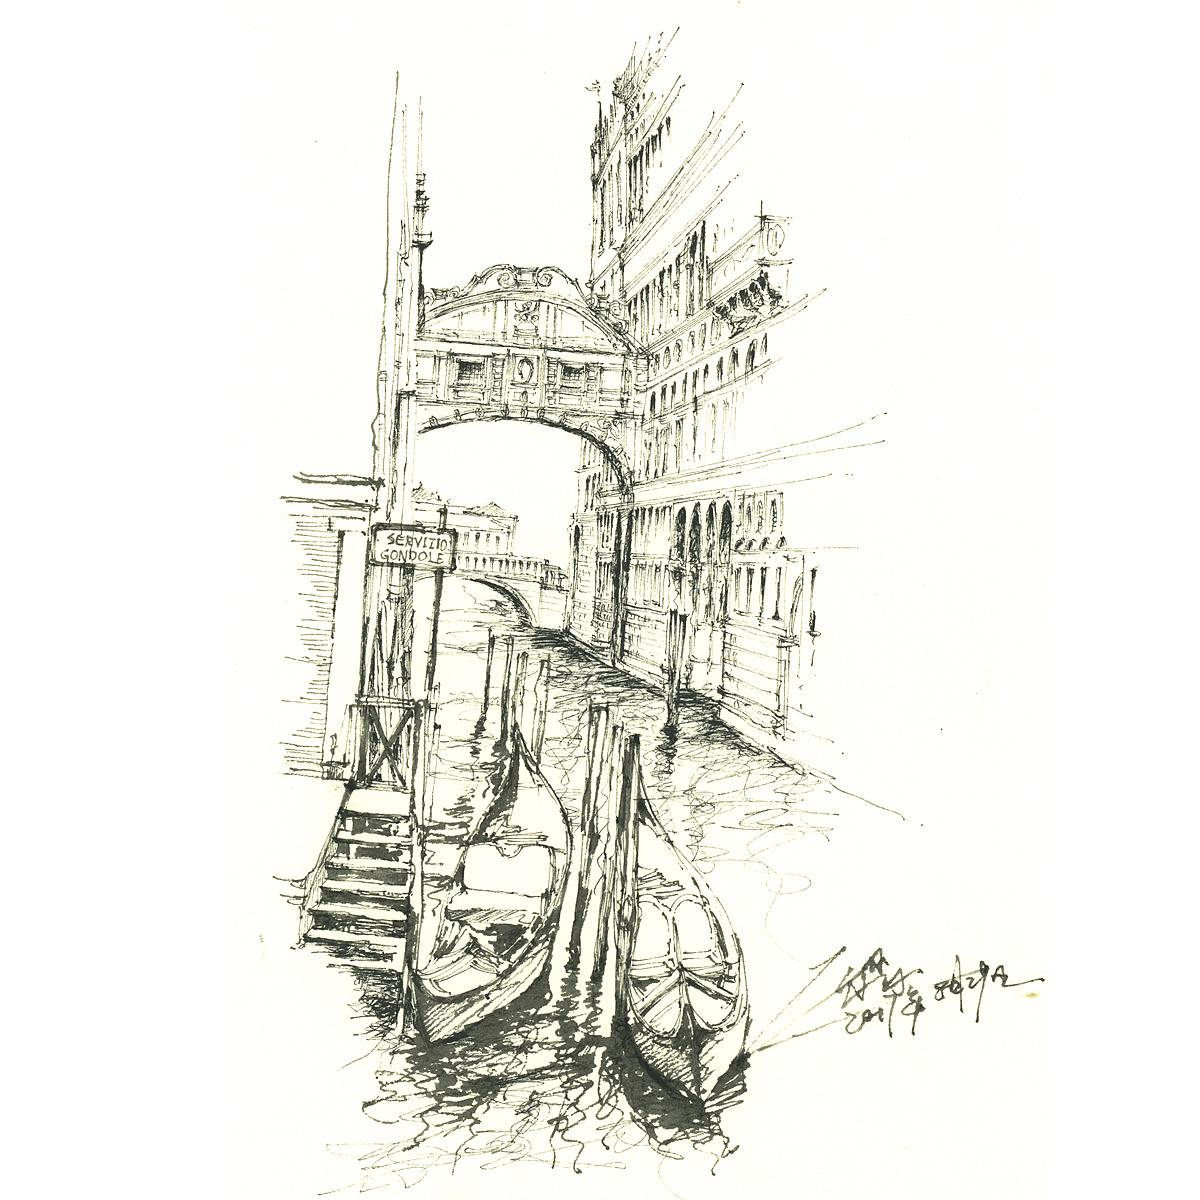 【欧洲建筑手绘】|纯艺术|钢笔画|三水00 - 原创作品